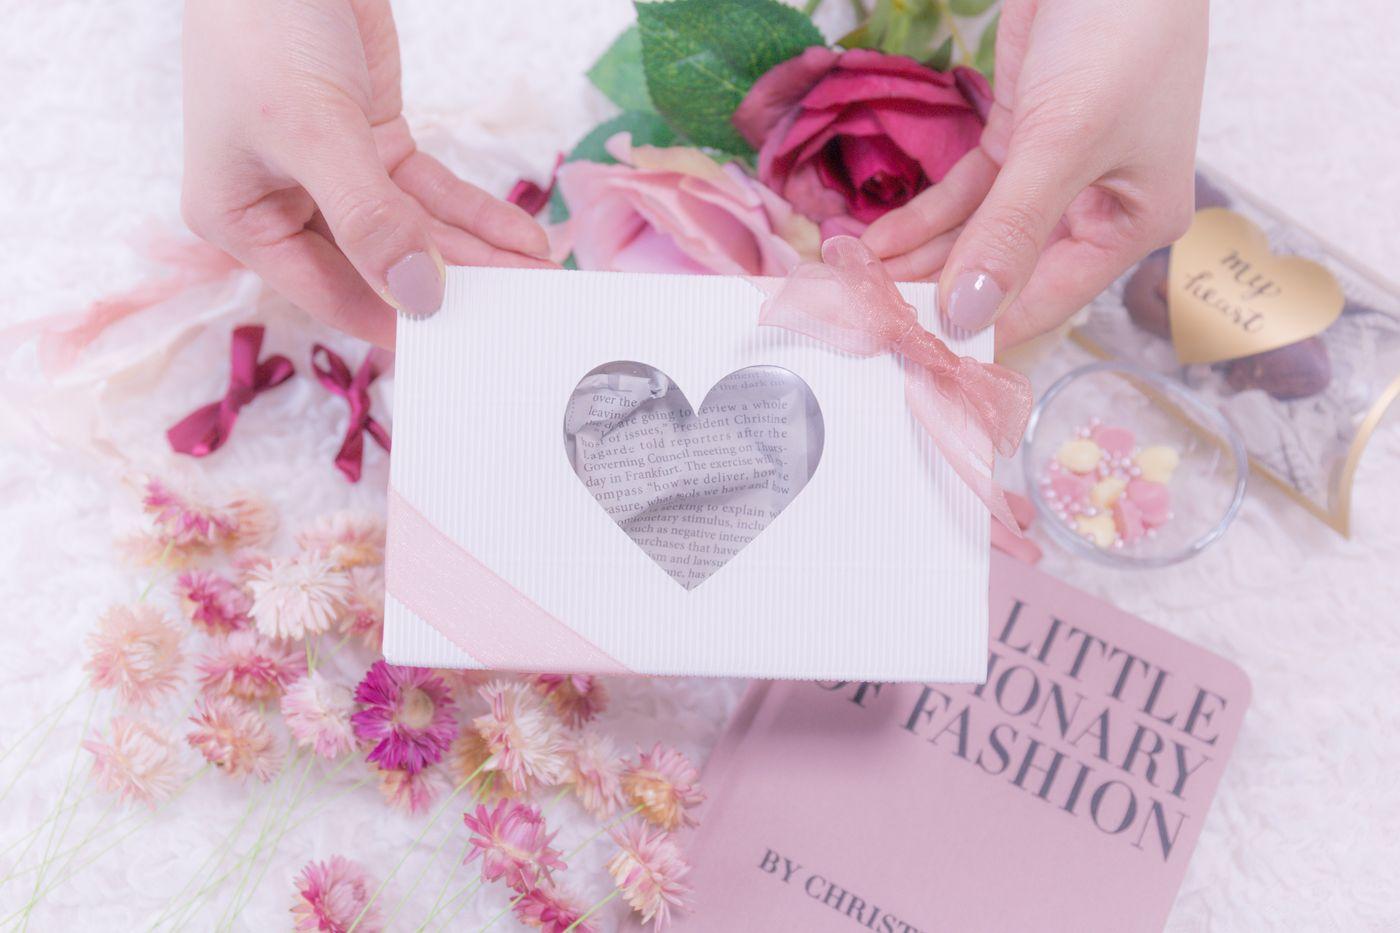 バレンタイン用のハートのプレゼントボックスの写真